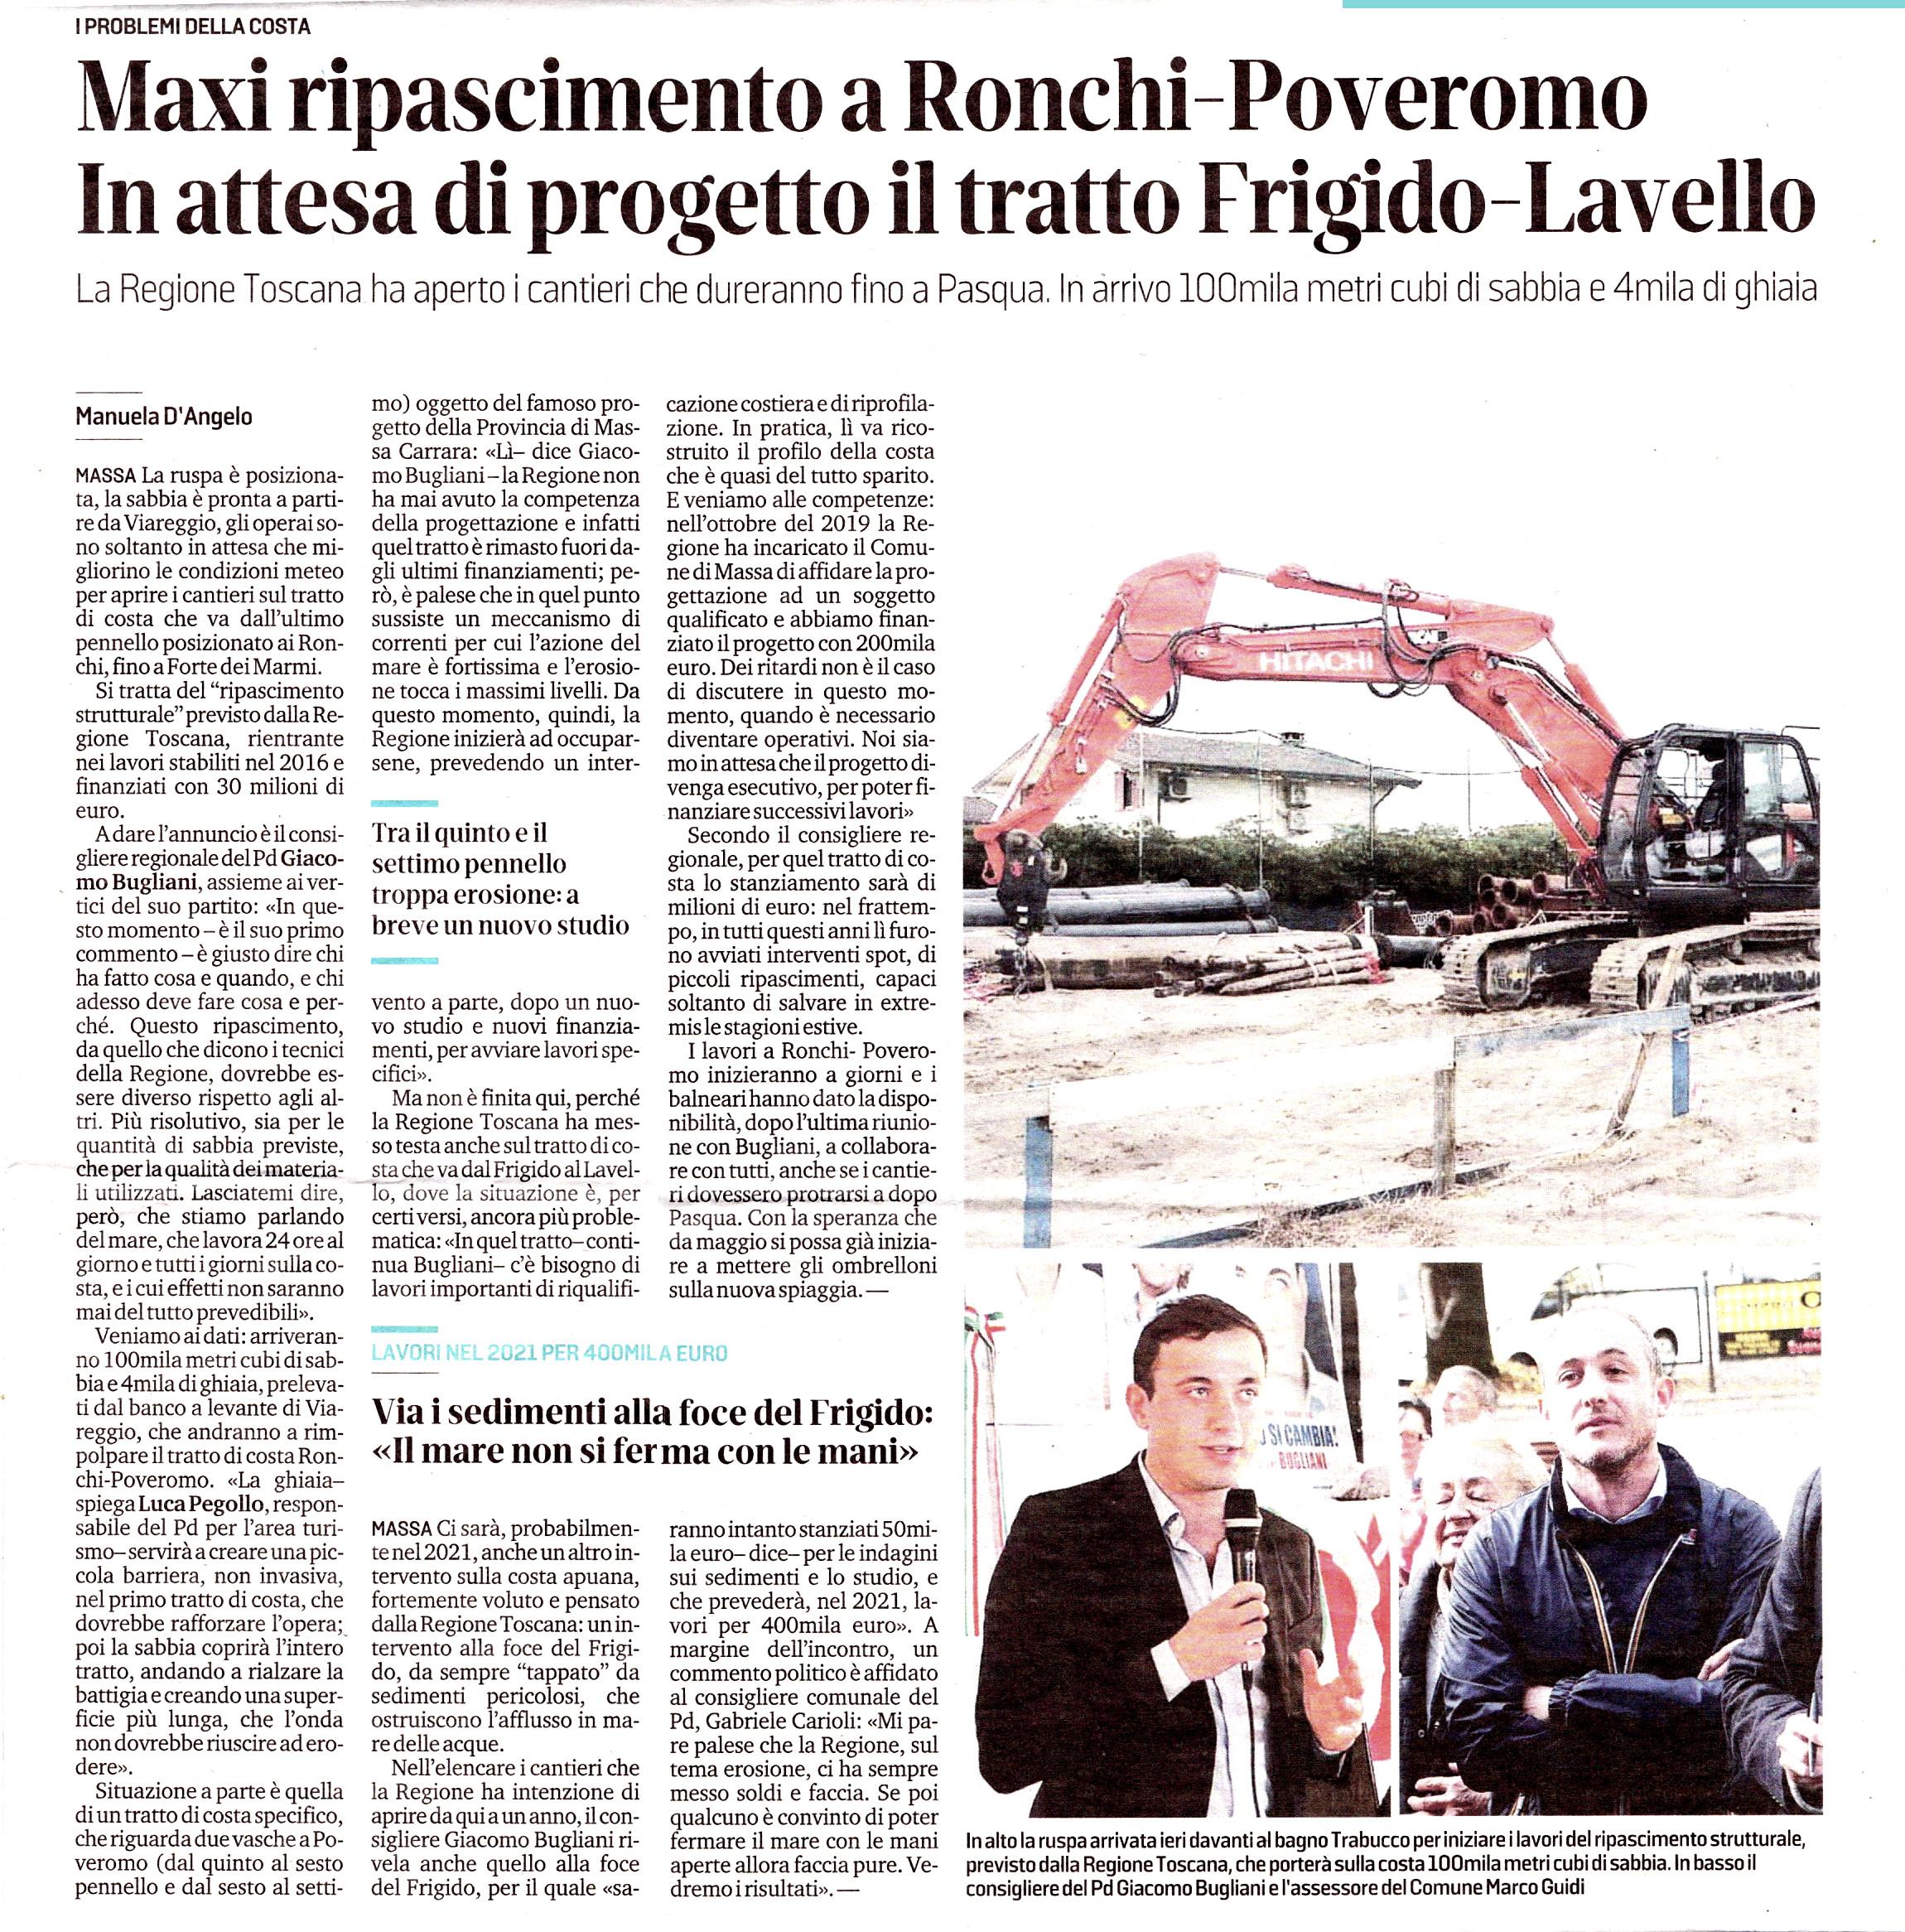 """Il Tirreno: """"Maxi ripascimento a Ronchi-Poveromo - in attesa di porgetto il tratto Frigido - Lavello"""""""